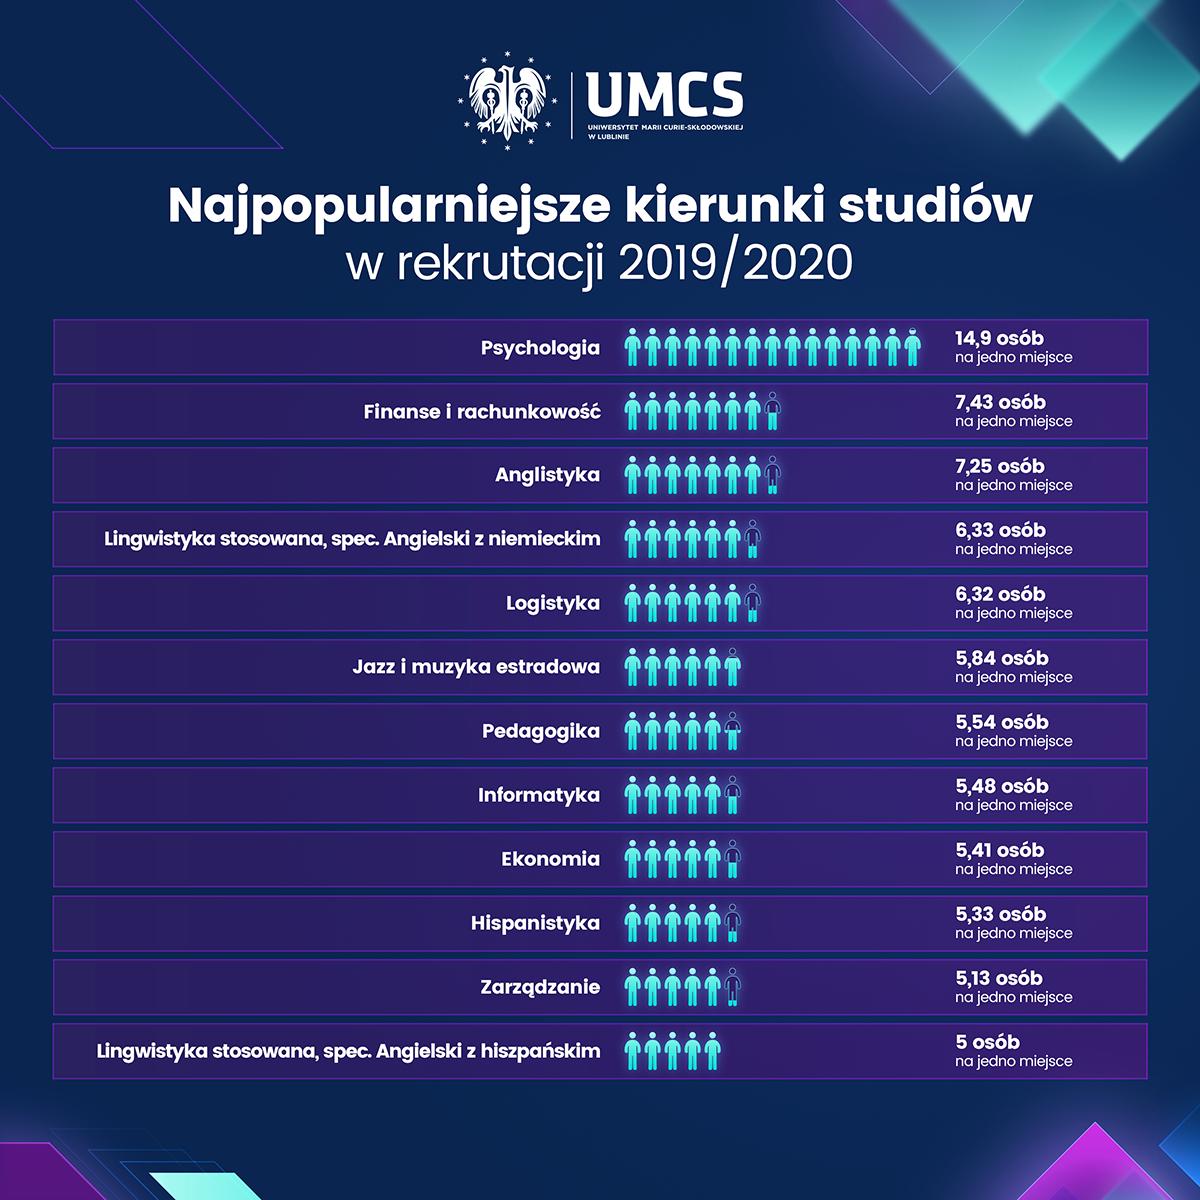 UMCS_najpopularniejszeKierunki_v2.png